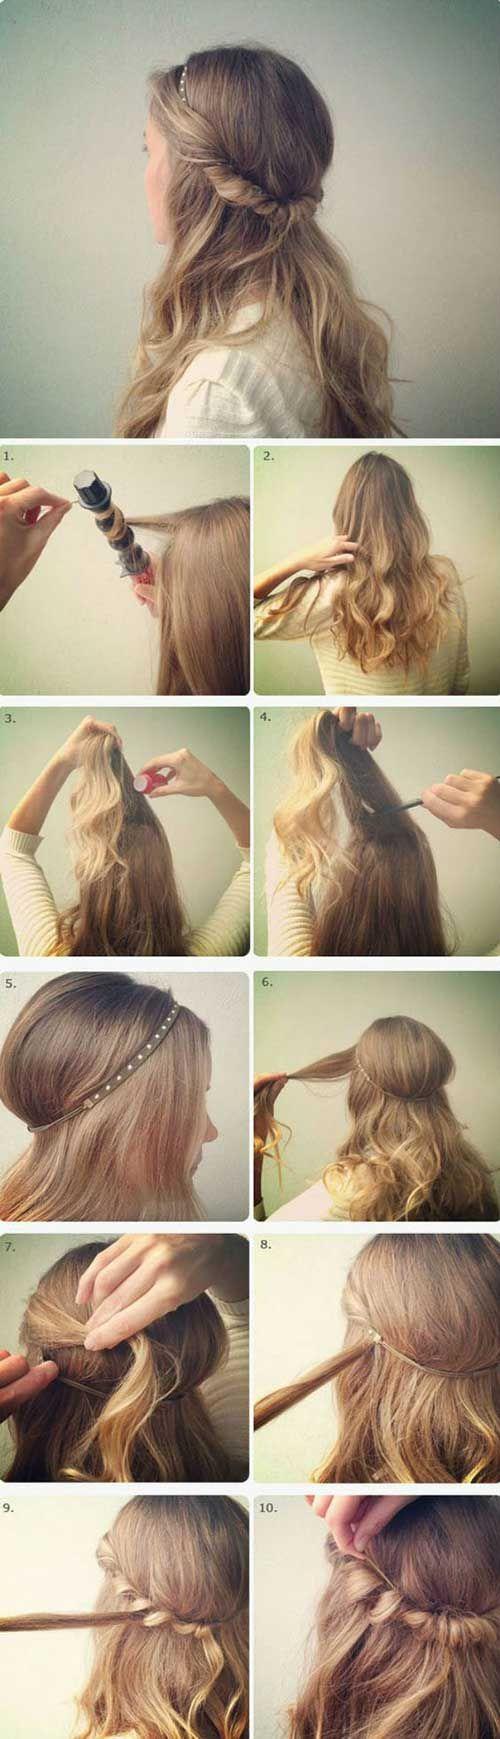 como fazer cabelos anos 60 com tiara